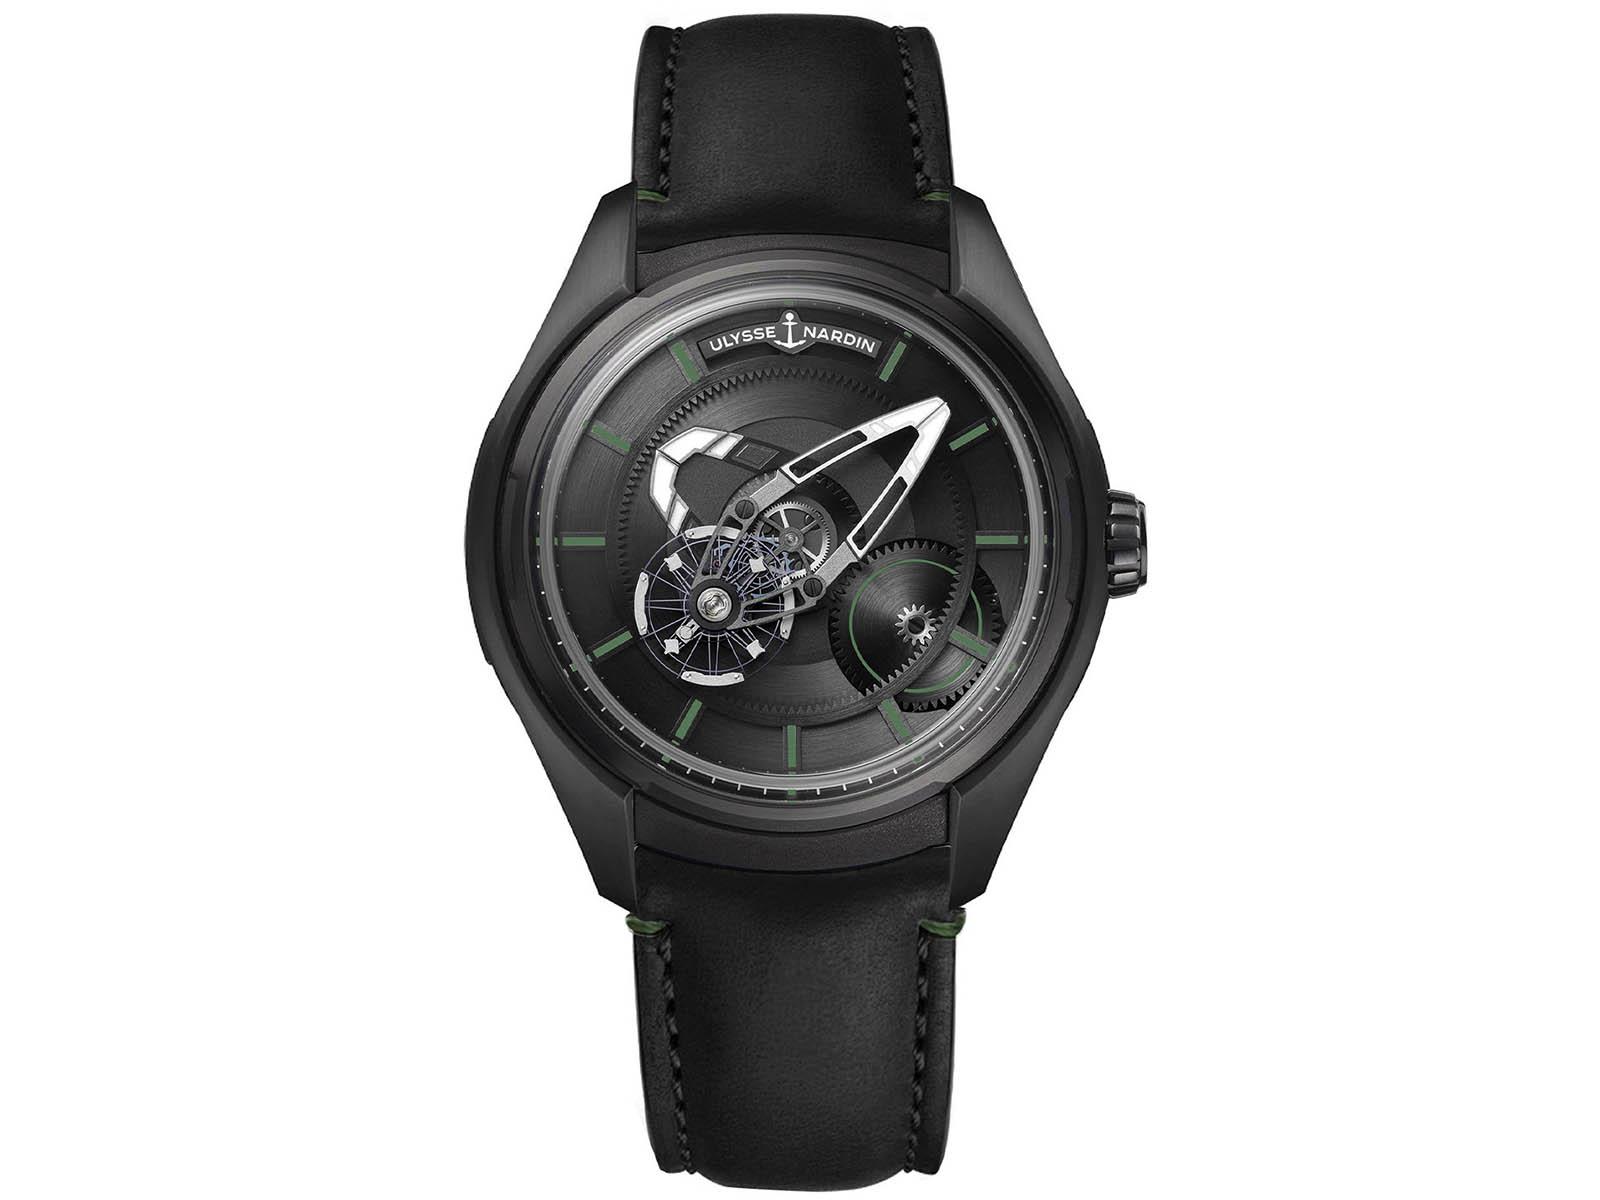 ulysse-nardin-freak-x-qatar-watch-club-edition-5.jpg